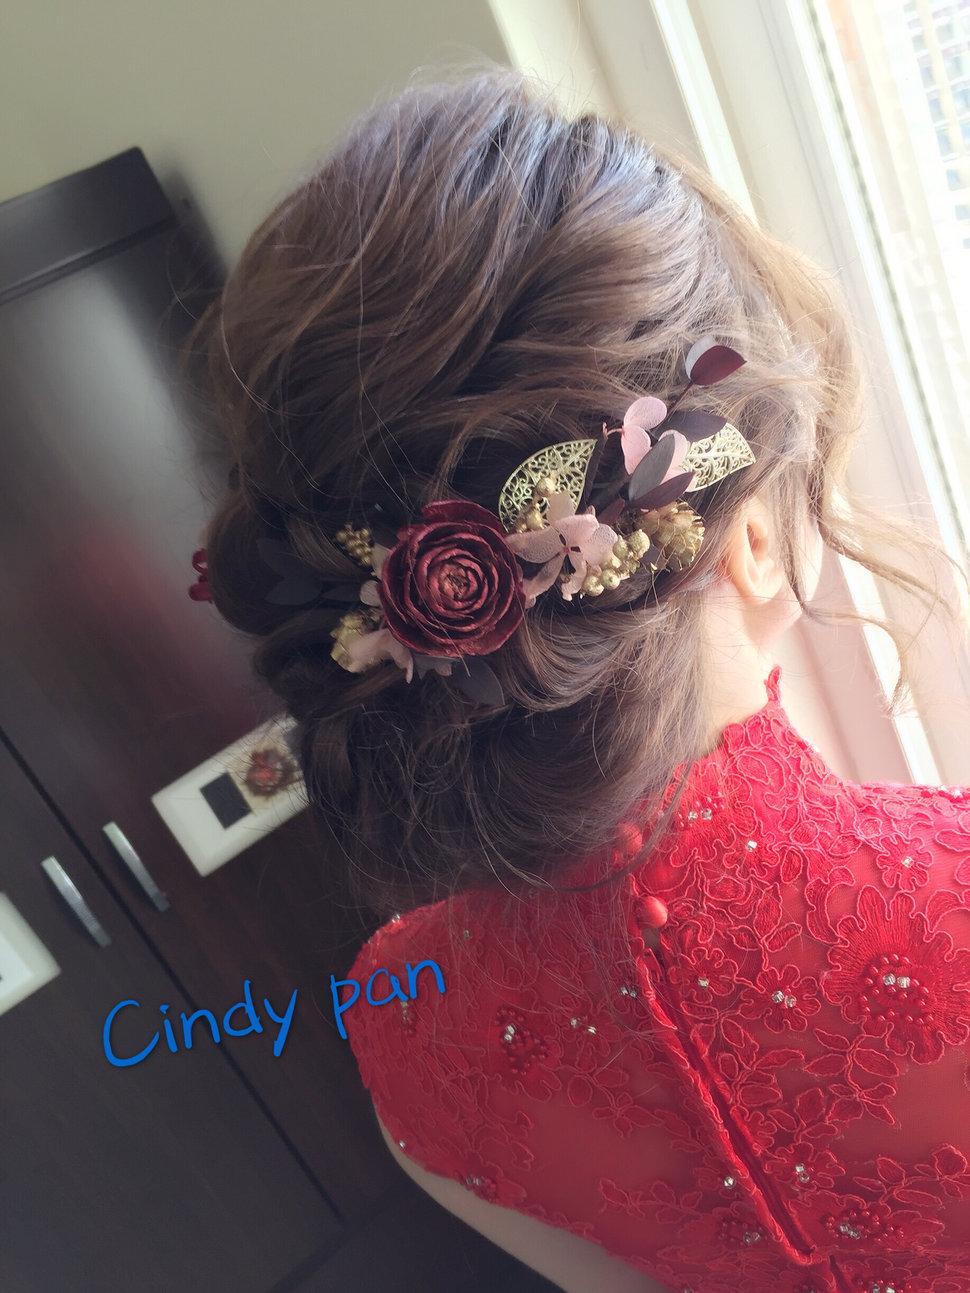 A168383E-69E2-49FA-B0DA-A9DC2D6ABE35 - 新娘秘書Cindy潘 - 結婚吧